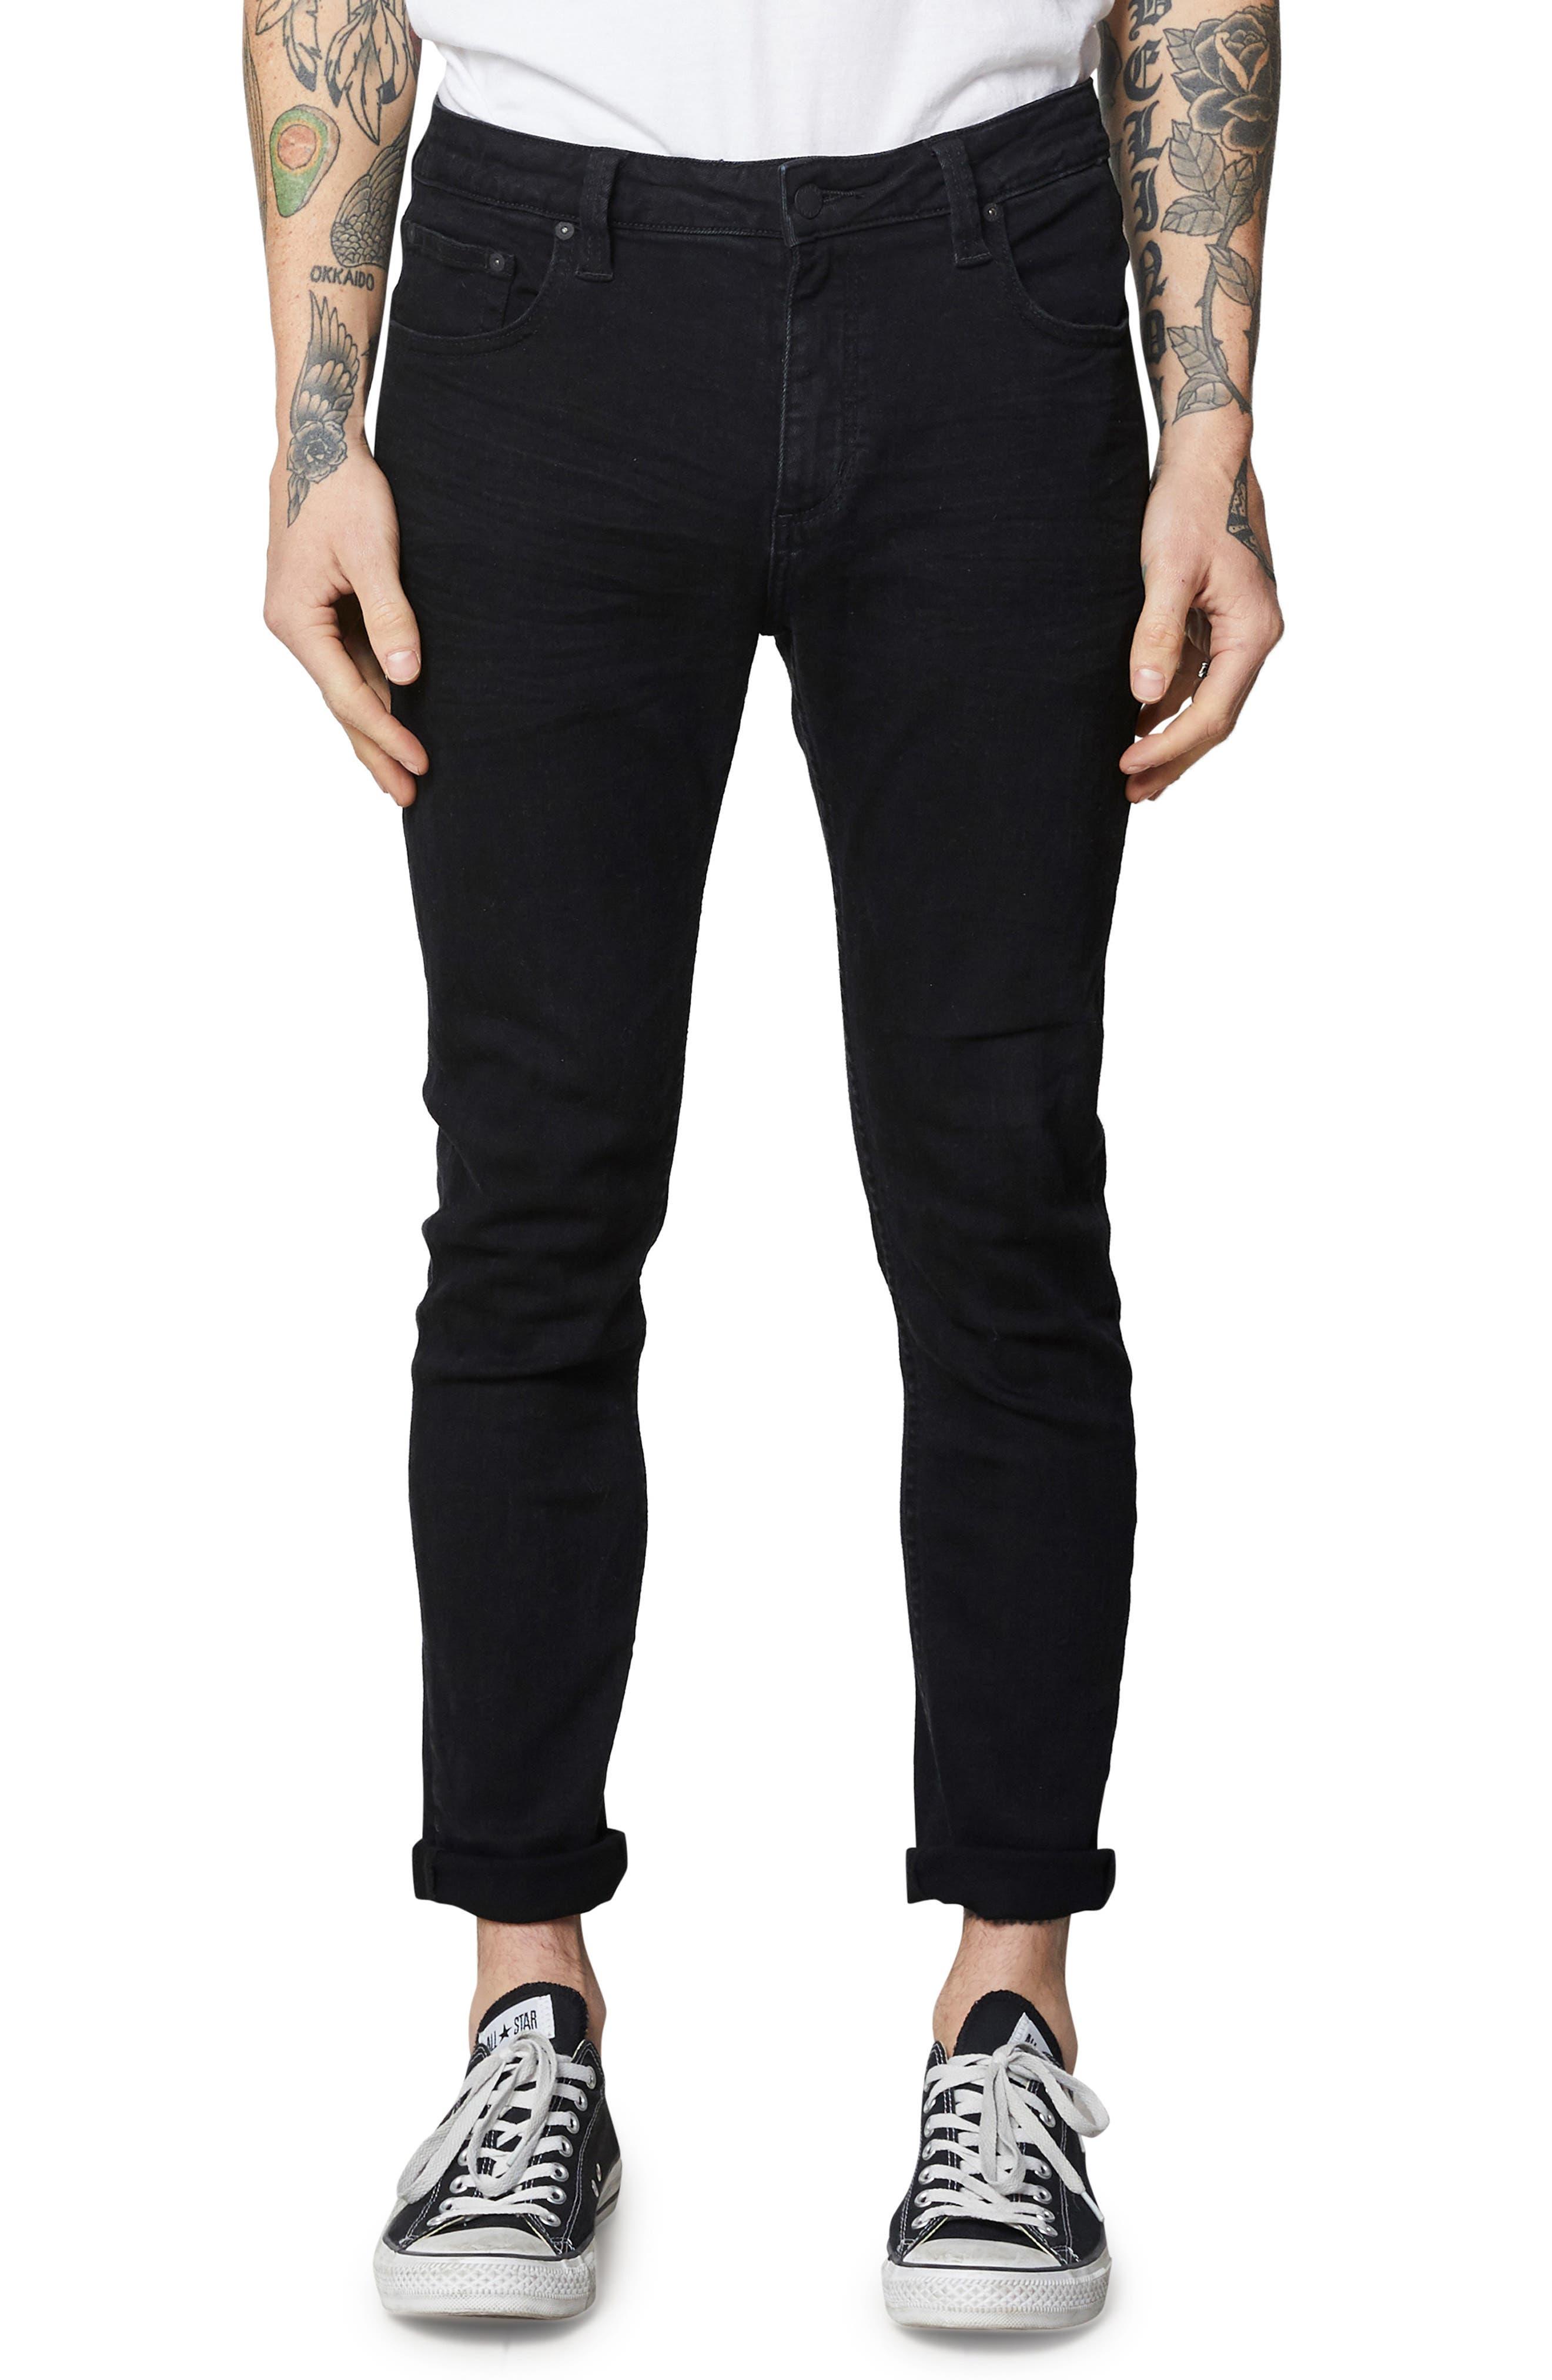 Rollies Slim Fit Jeans,                             Main thumbnail 1, color,                             BLACK RAVEN